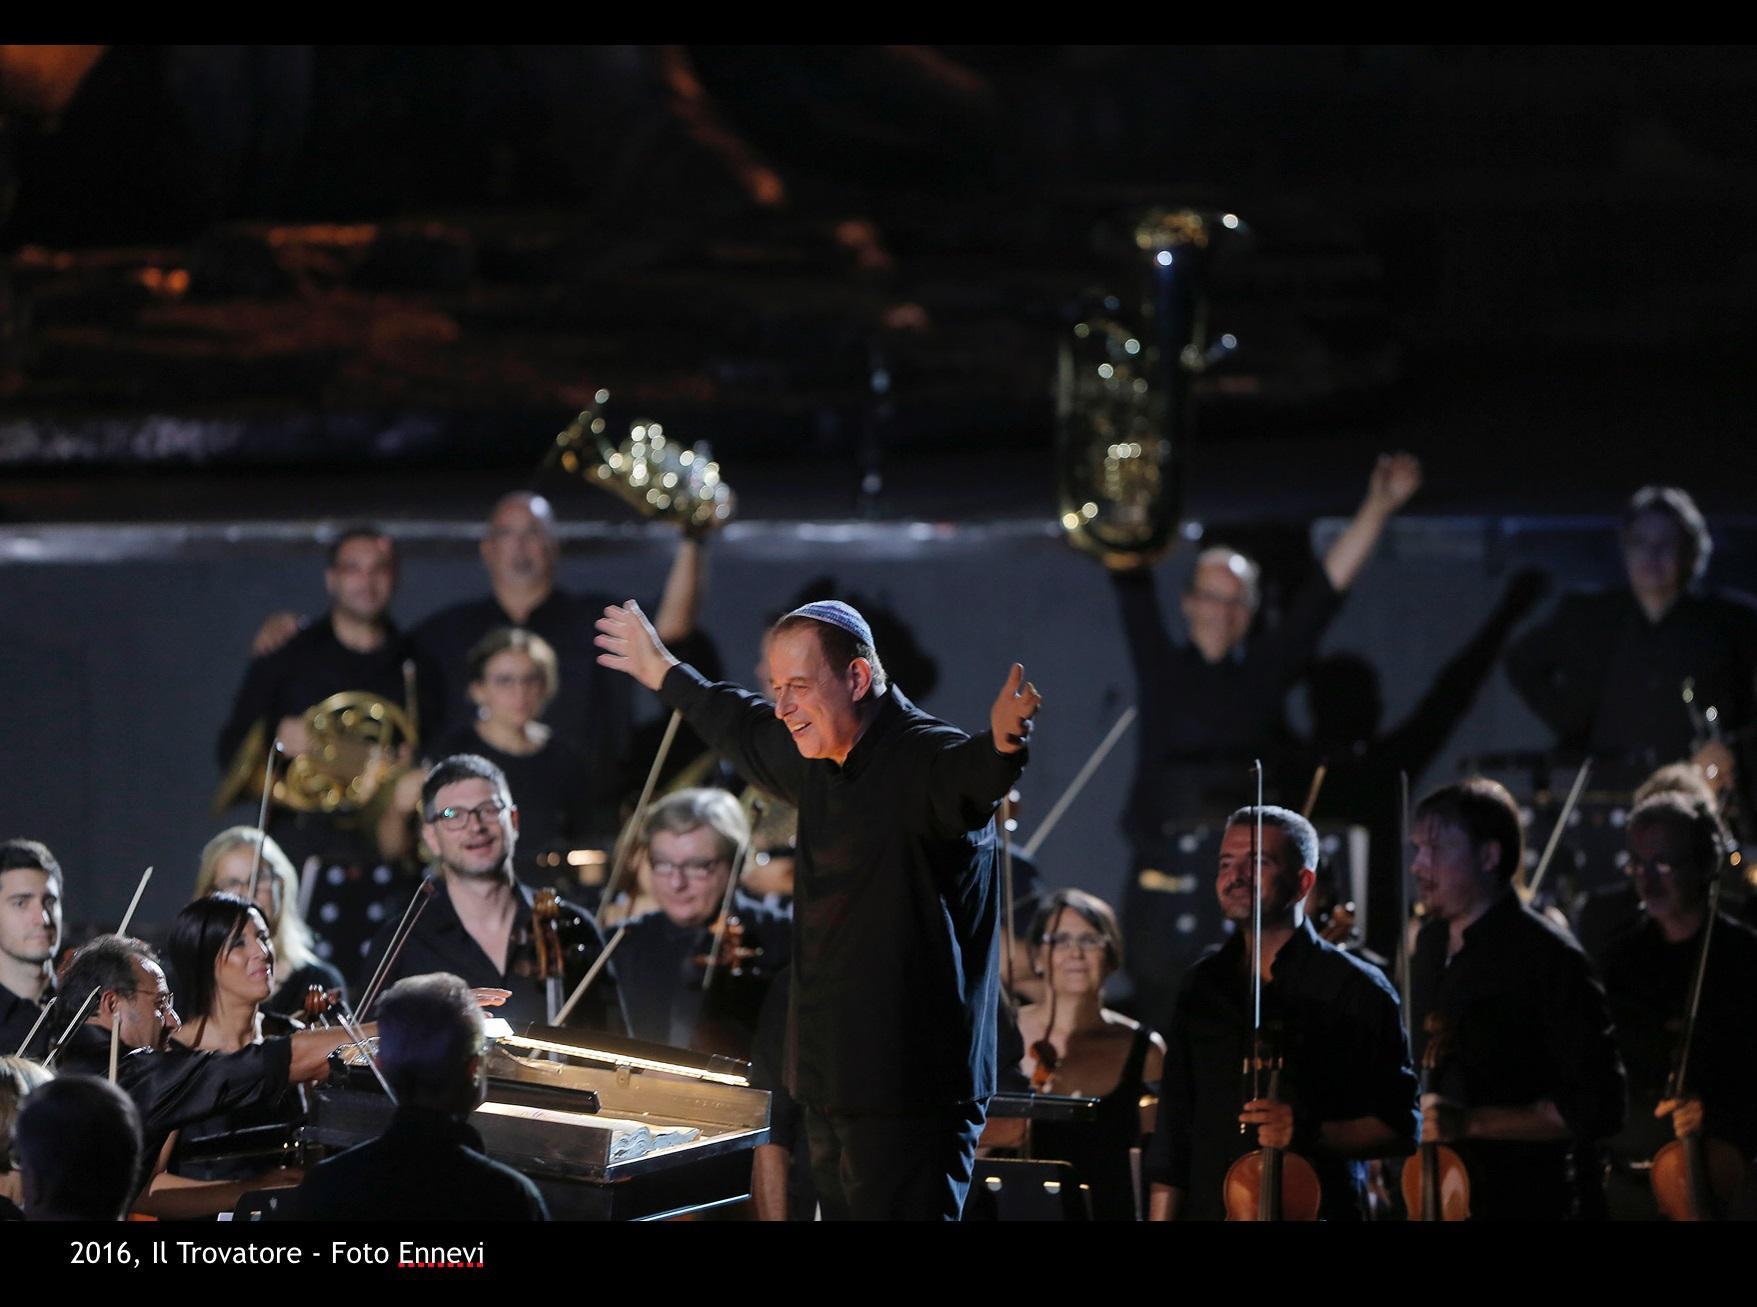 Daniel Oren - foto ENNEVi - Arena di Verona